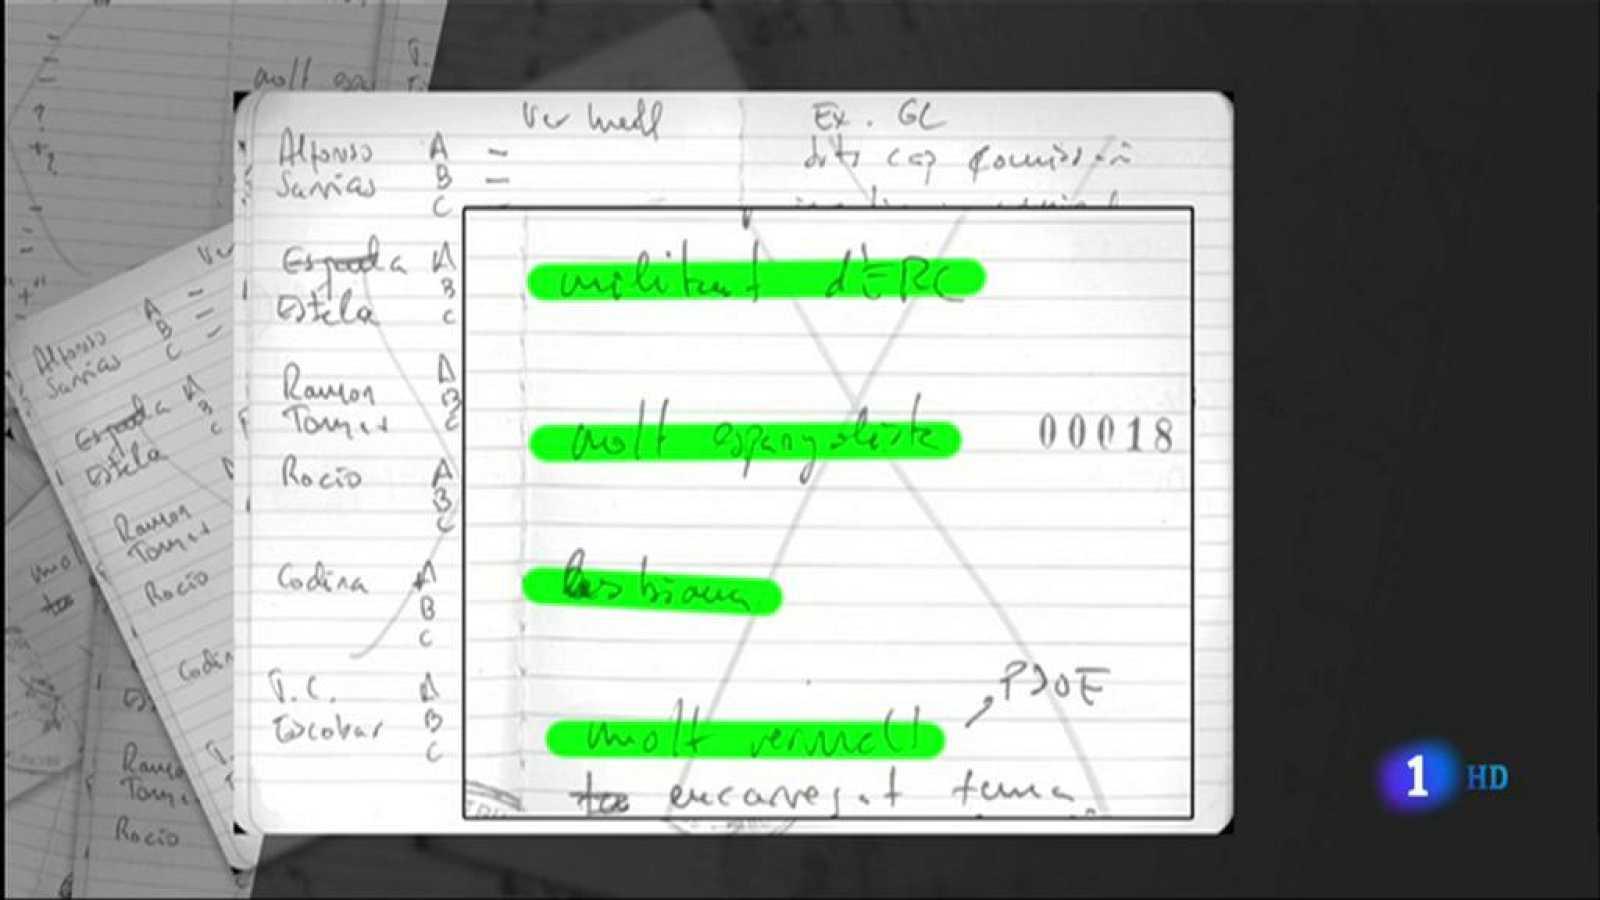 Una entidad vinculada a Convergència realizó listas negras sobre la cúpula de los Mossos en época de Puigdemont